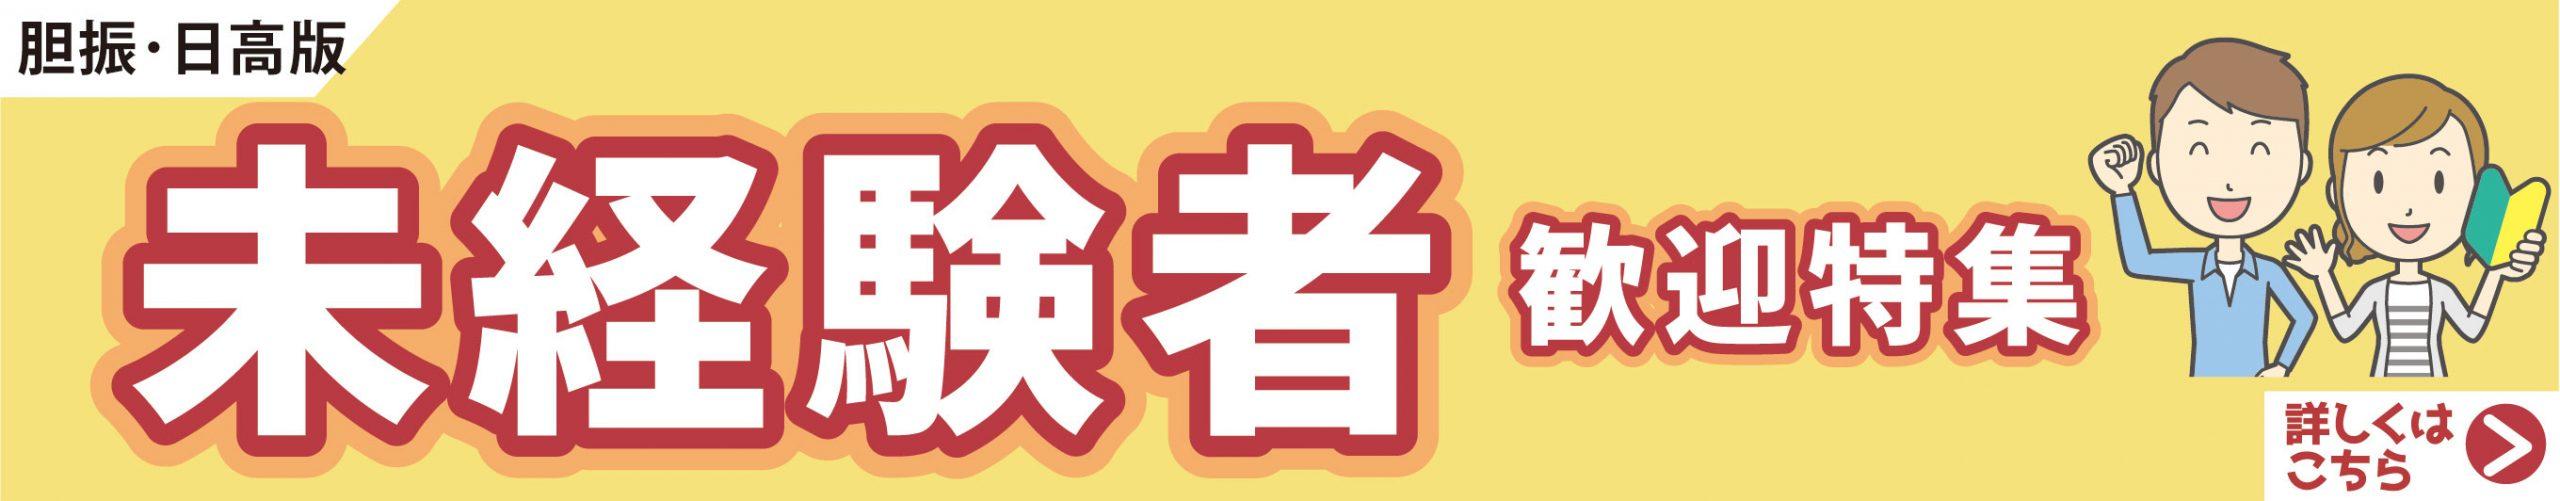 未経験者歓迎特集(胆振・日高版)